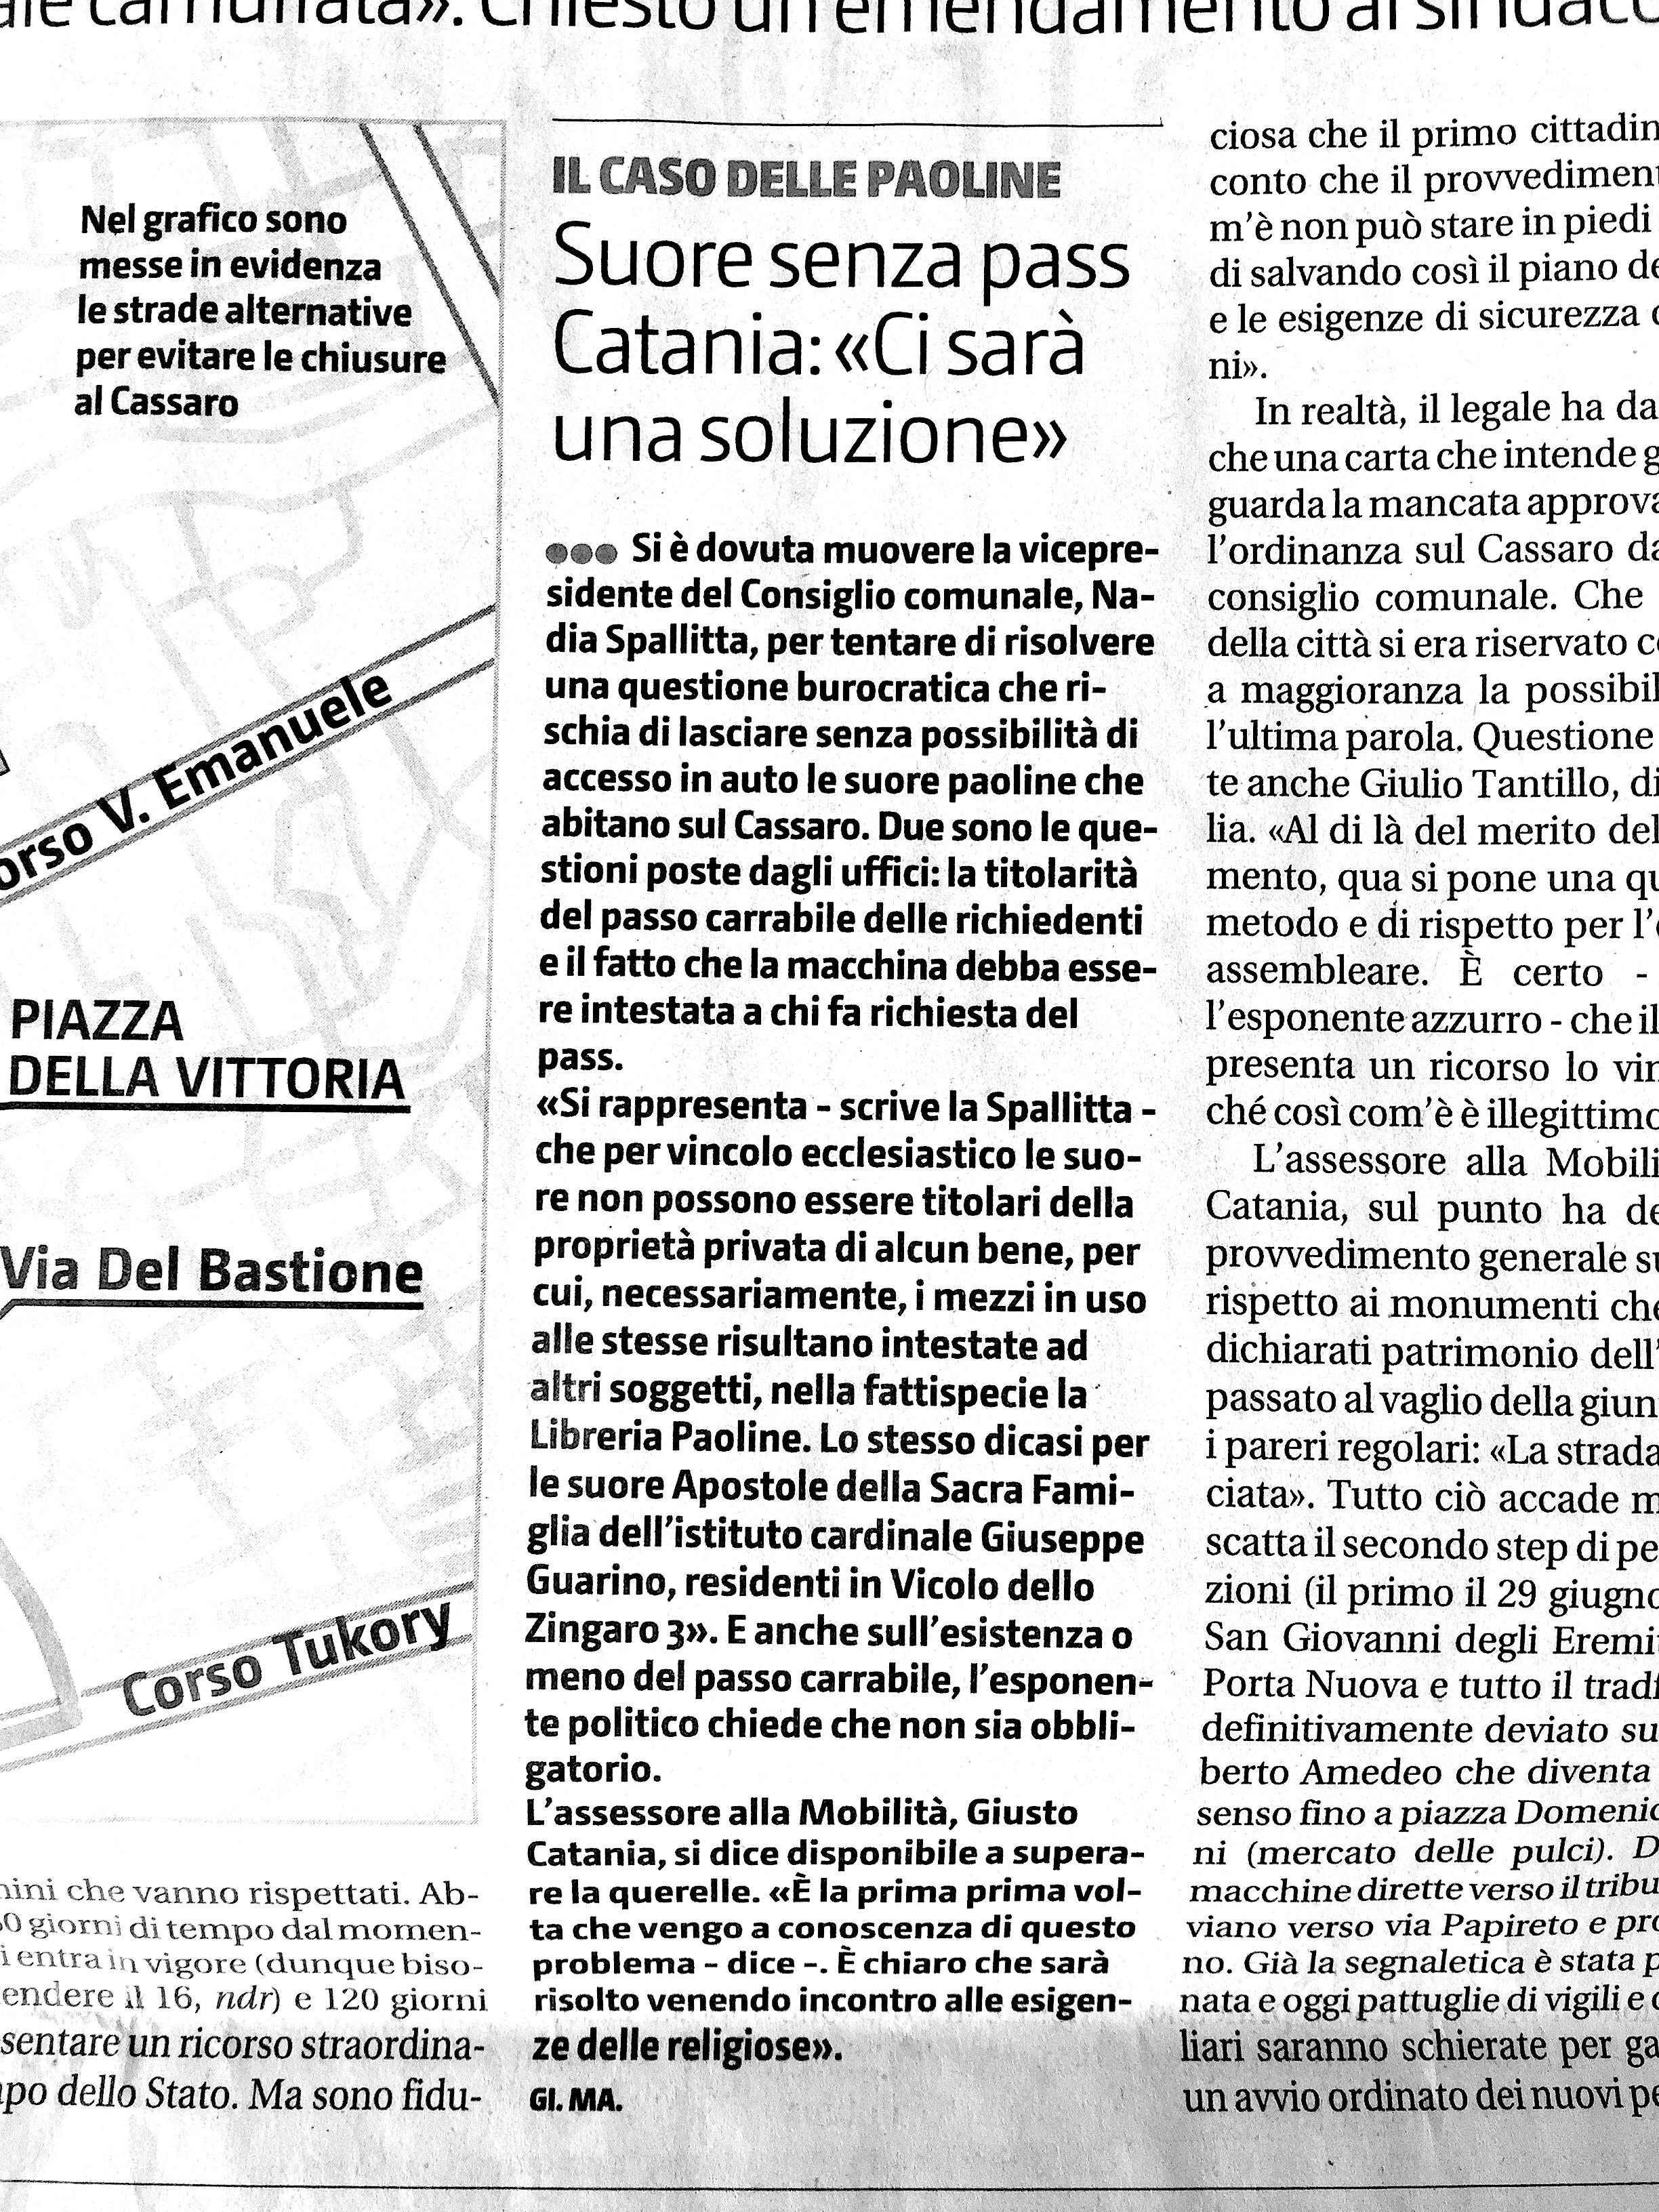 Suore senza pass Catania ci sara una soluzione